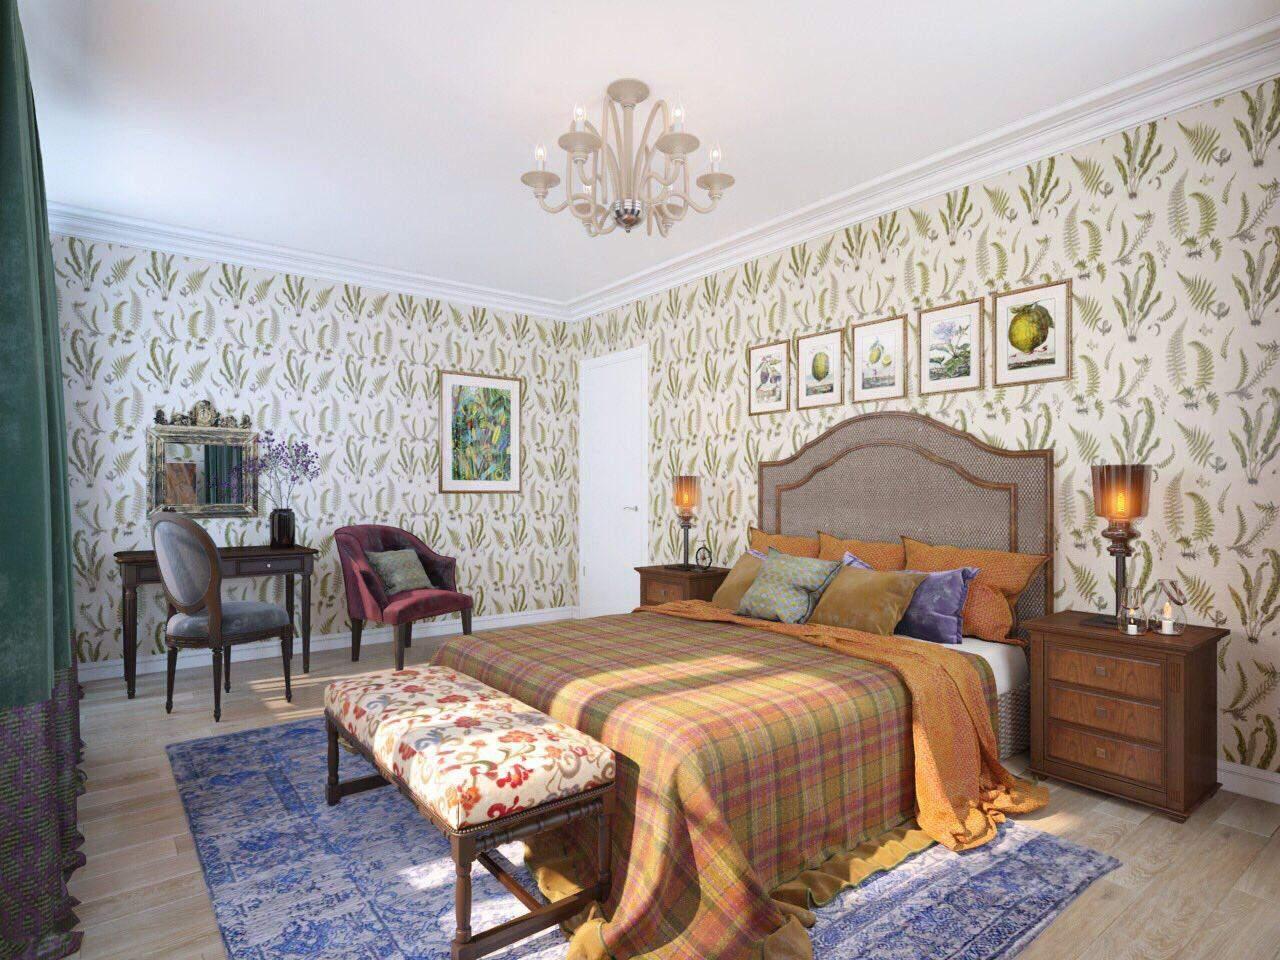 Ковер дизайнерской коллекции «Стертая классика» в спальне